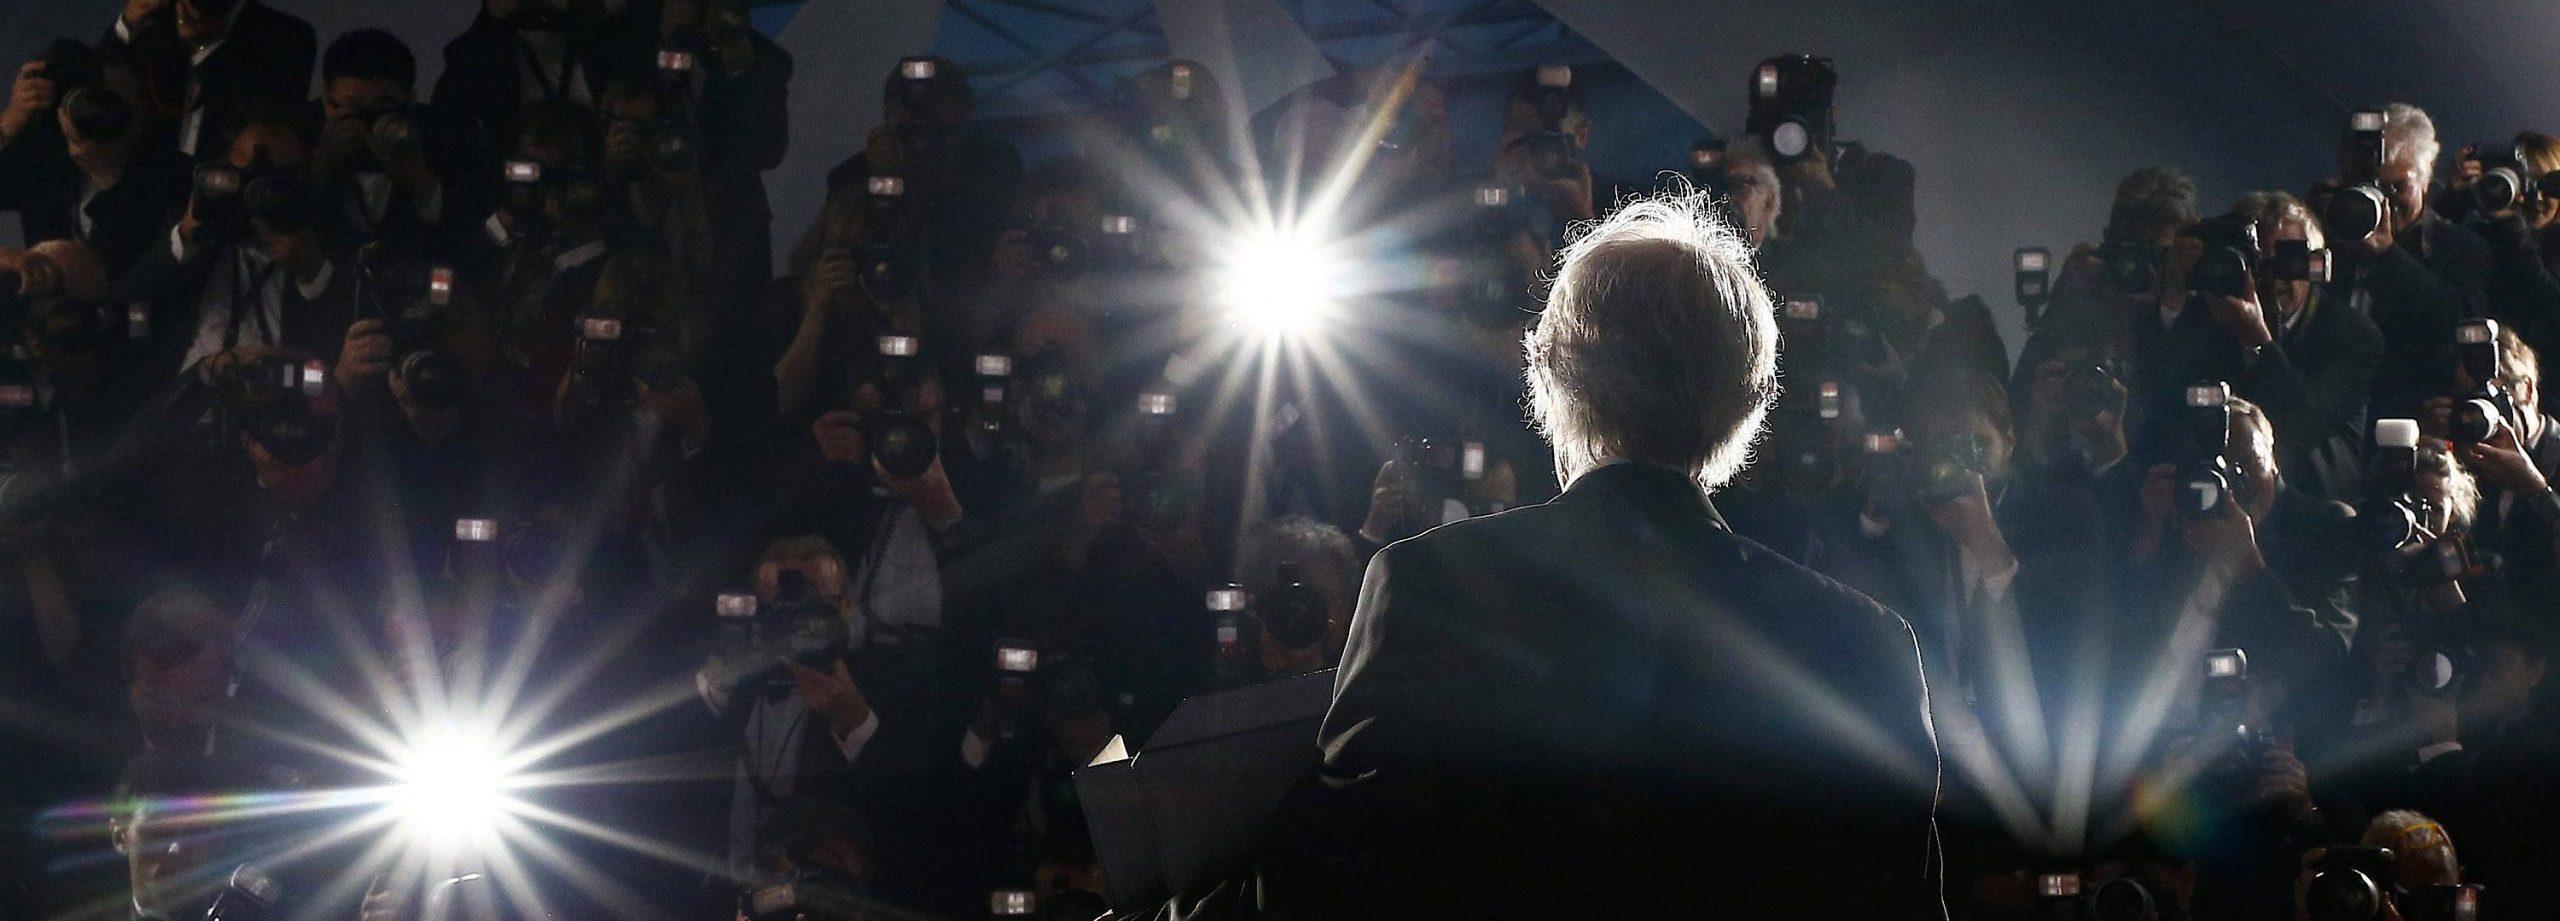 In den Blitzlichtgewittern von Cannes: Ken Loach im Mai 2016 nach seiner Auszeichnung mit der Goldenen Palme